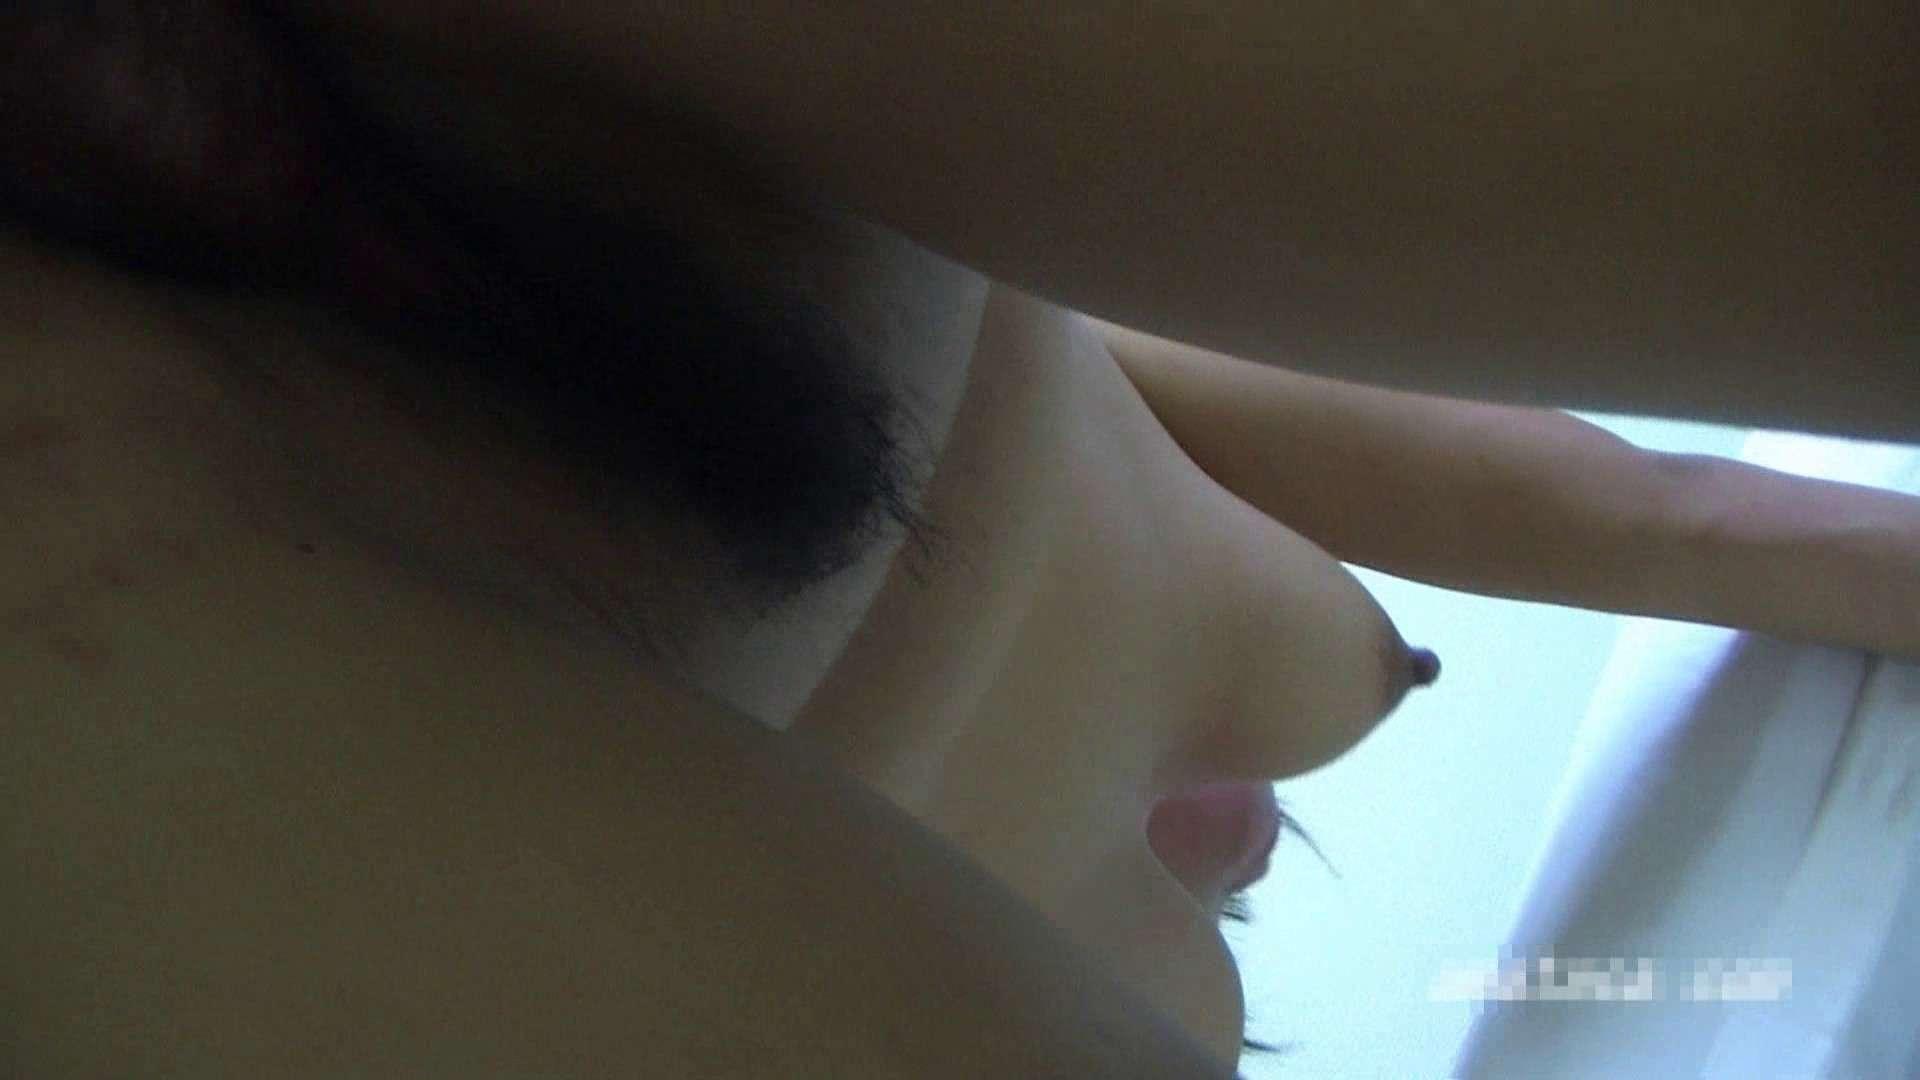 デリへル嬢のみかちゃん23歳vol.4 OL裸体   ギャルの乳首  110画像 71